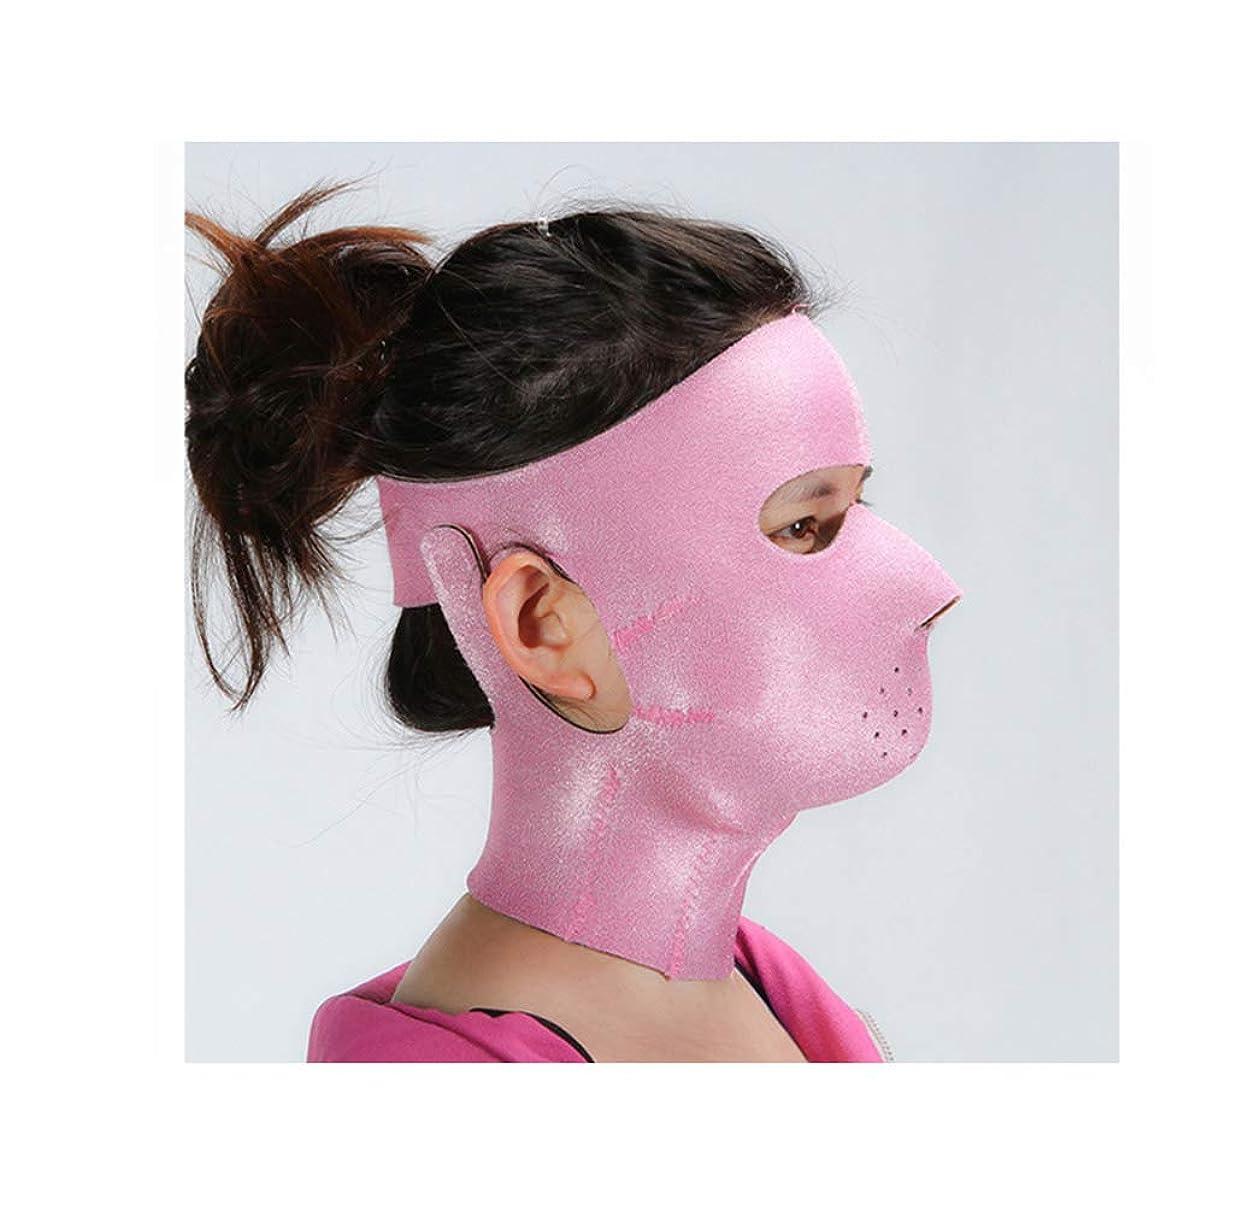 放送突き刺すブロックするGLJJQMY 薄い顔マスクマスクプラス薄いマスク引き締めアンチエイジング薄いマスク顔の薄い顔マスクアーティファクト美容ネックバンド 顔用整形マスク